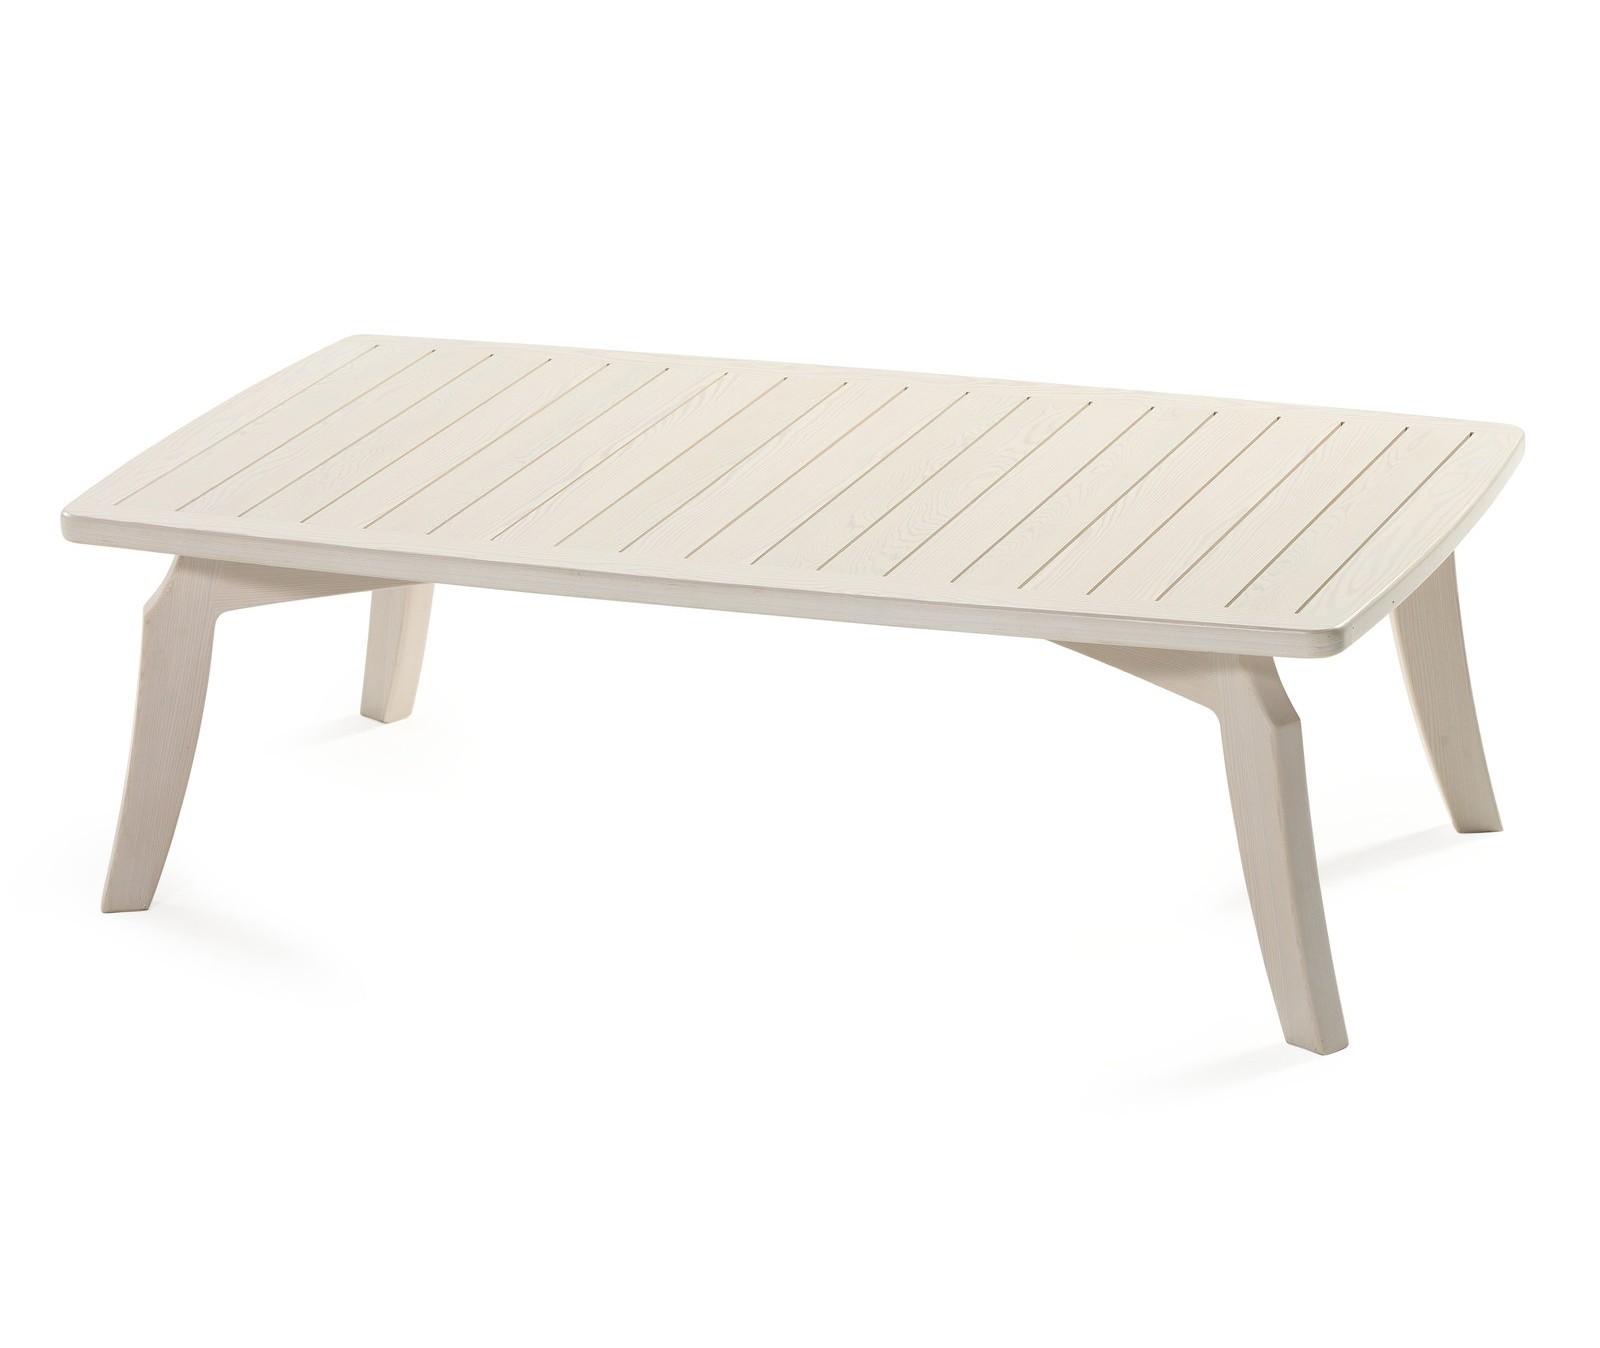 Стол АристократСтолы и столики для сада<br>Изделие изготовлено из массива лиственницы.<br><br>Material: Дерево<br>Ширина см: 126<br>Высота см: 40<br>Глубина см: 72